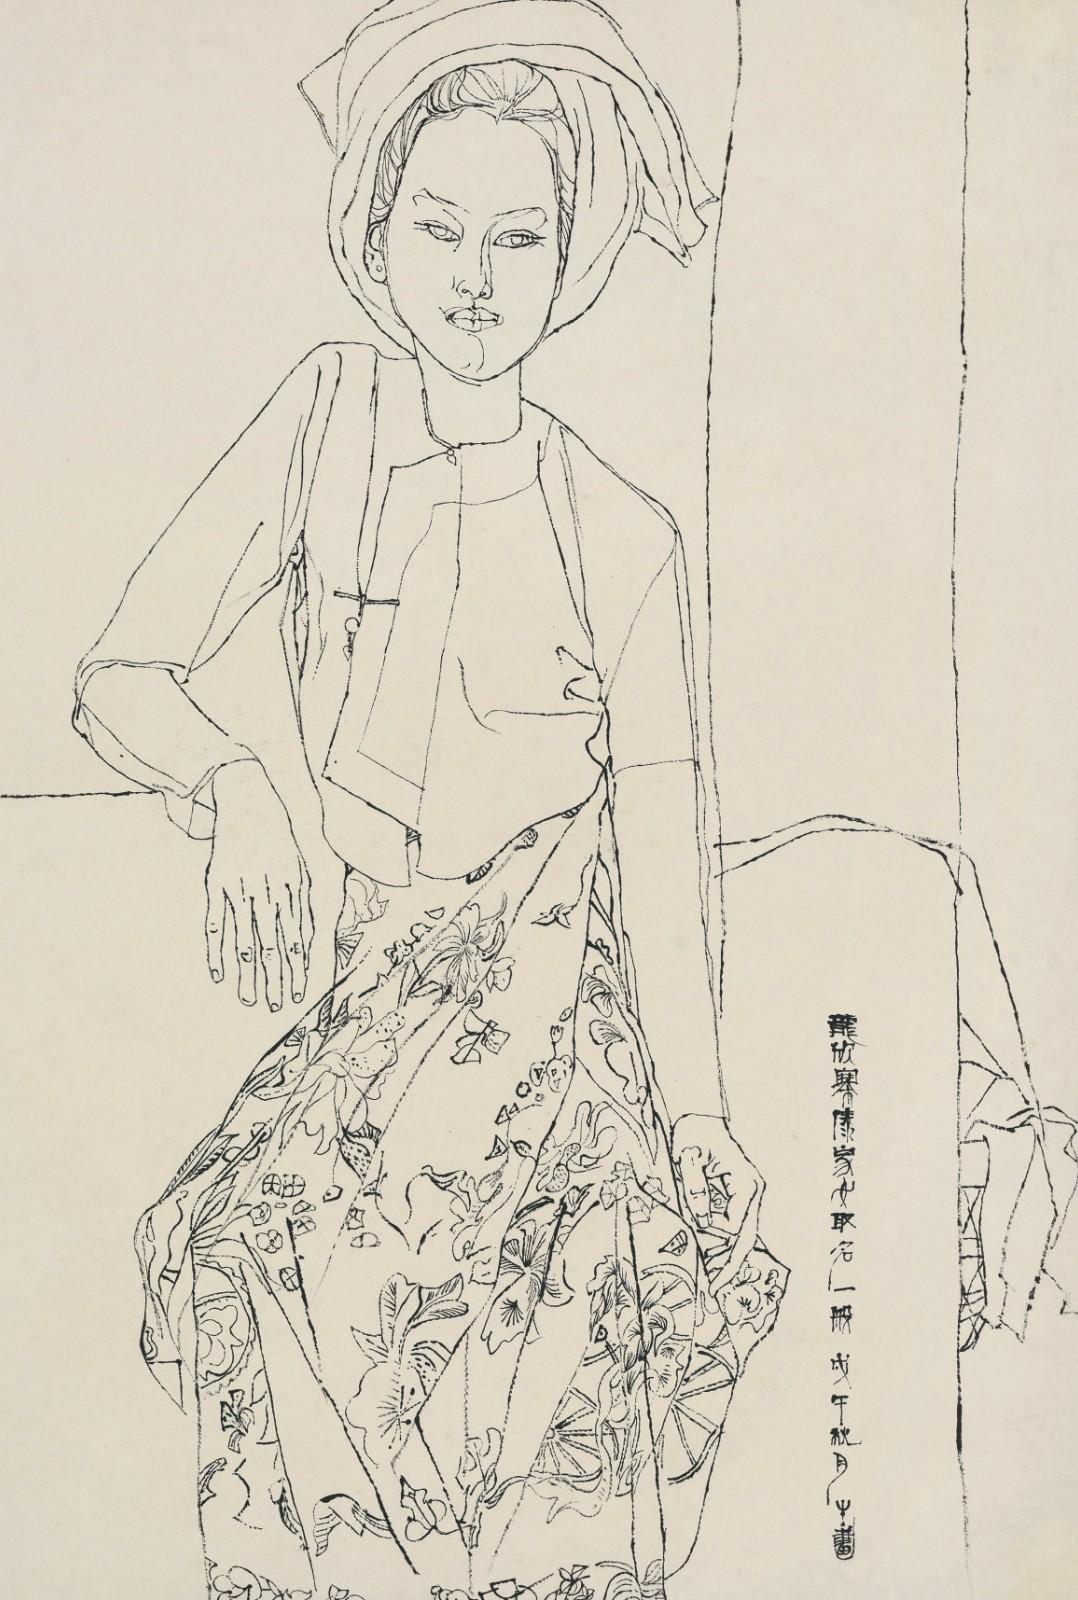 27 傣女一般像,Portrait of the Dai girl Yiban, Ink on Xuan paper 毛笔宣纸,68x95cm,1978秋.jpg